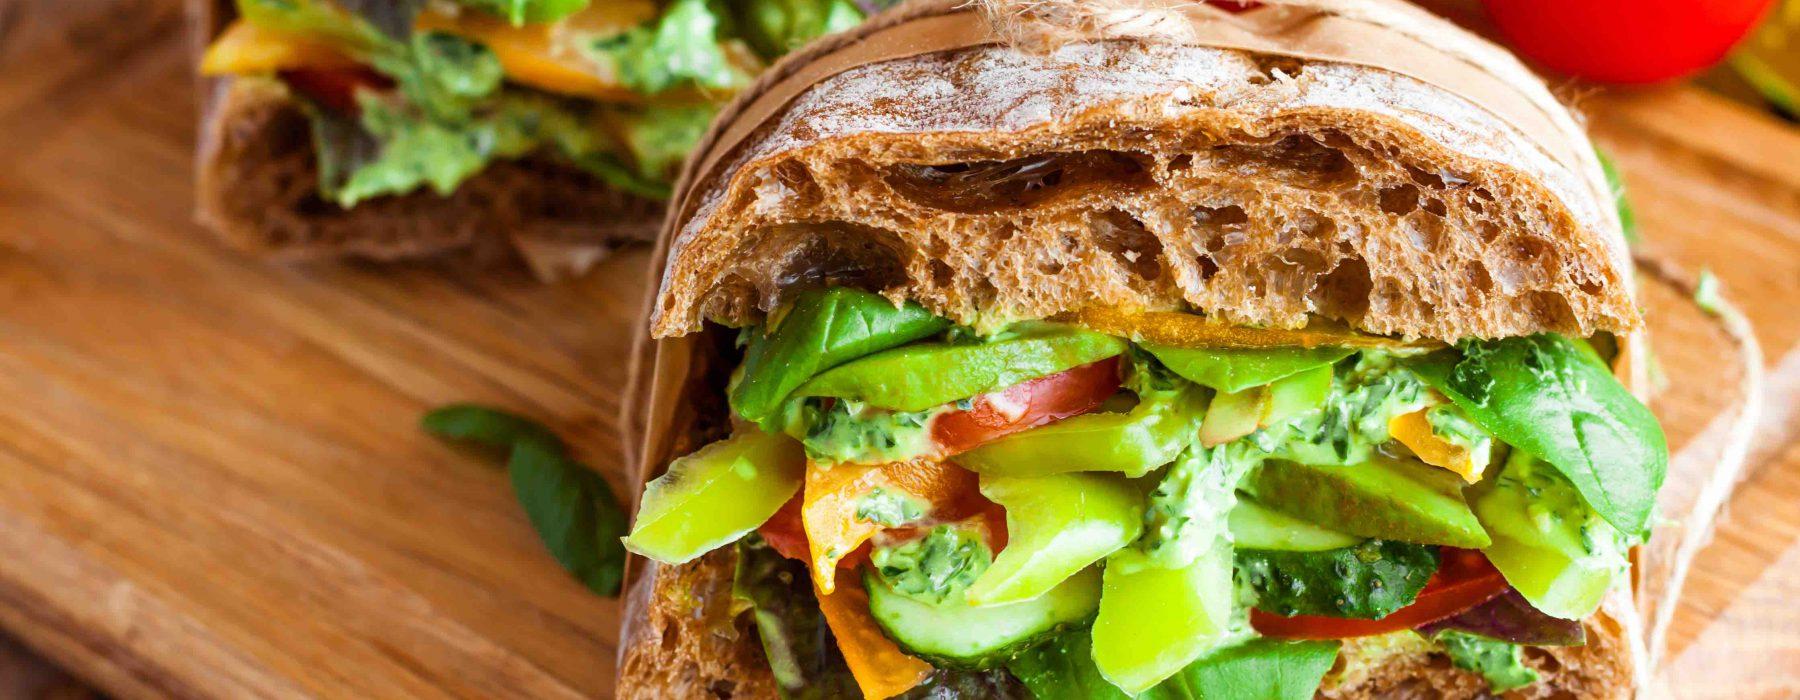 Claves para empezar la dieta vegetariana